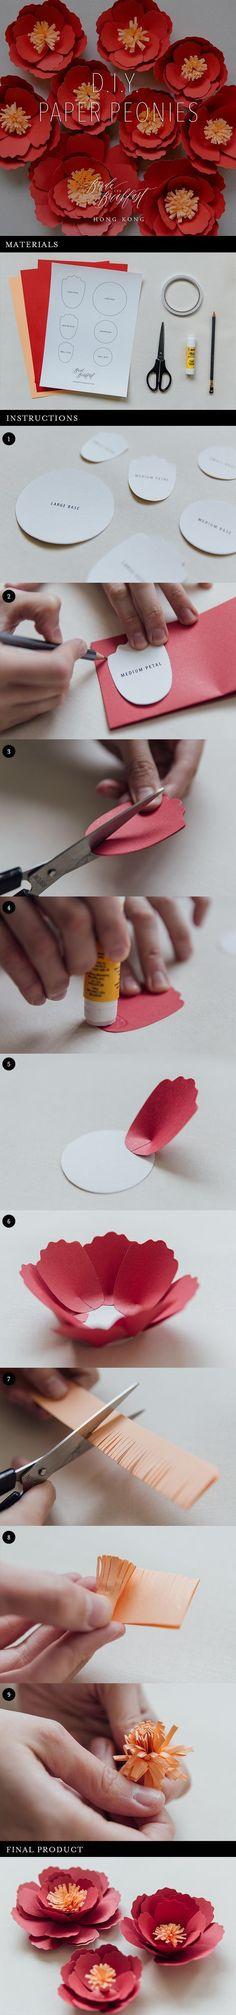 DIY Paper Peonies | Buzz Inspired